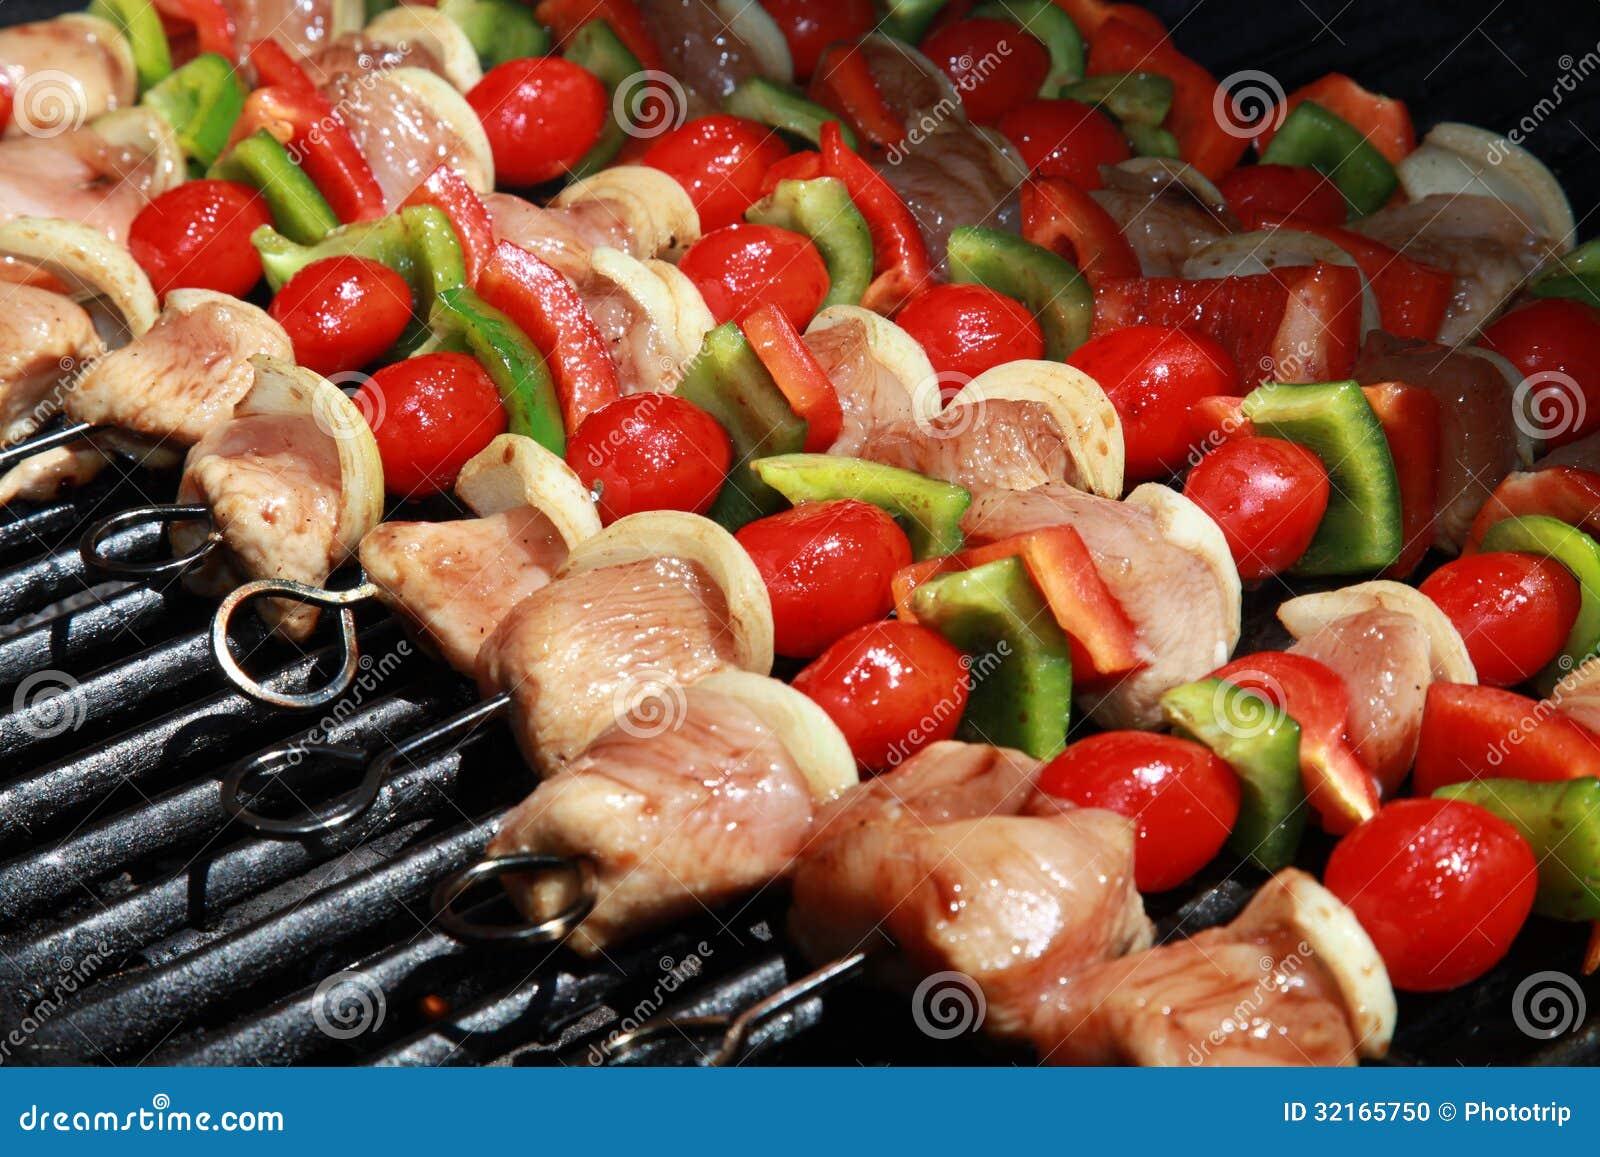 Heerlijk! Een Kleurrijke Rij van Kebabs